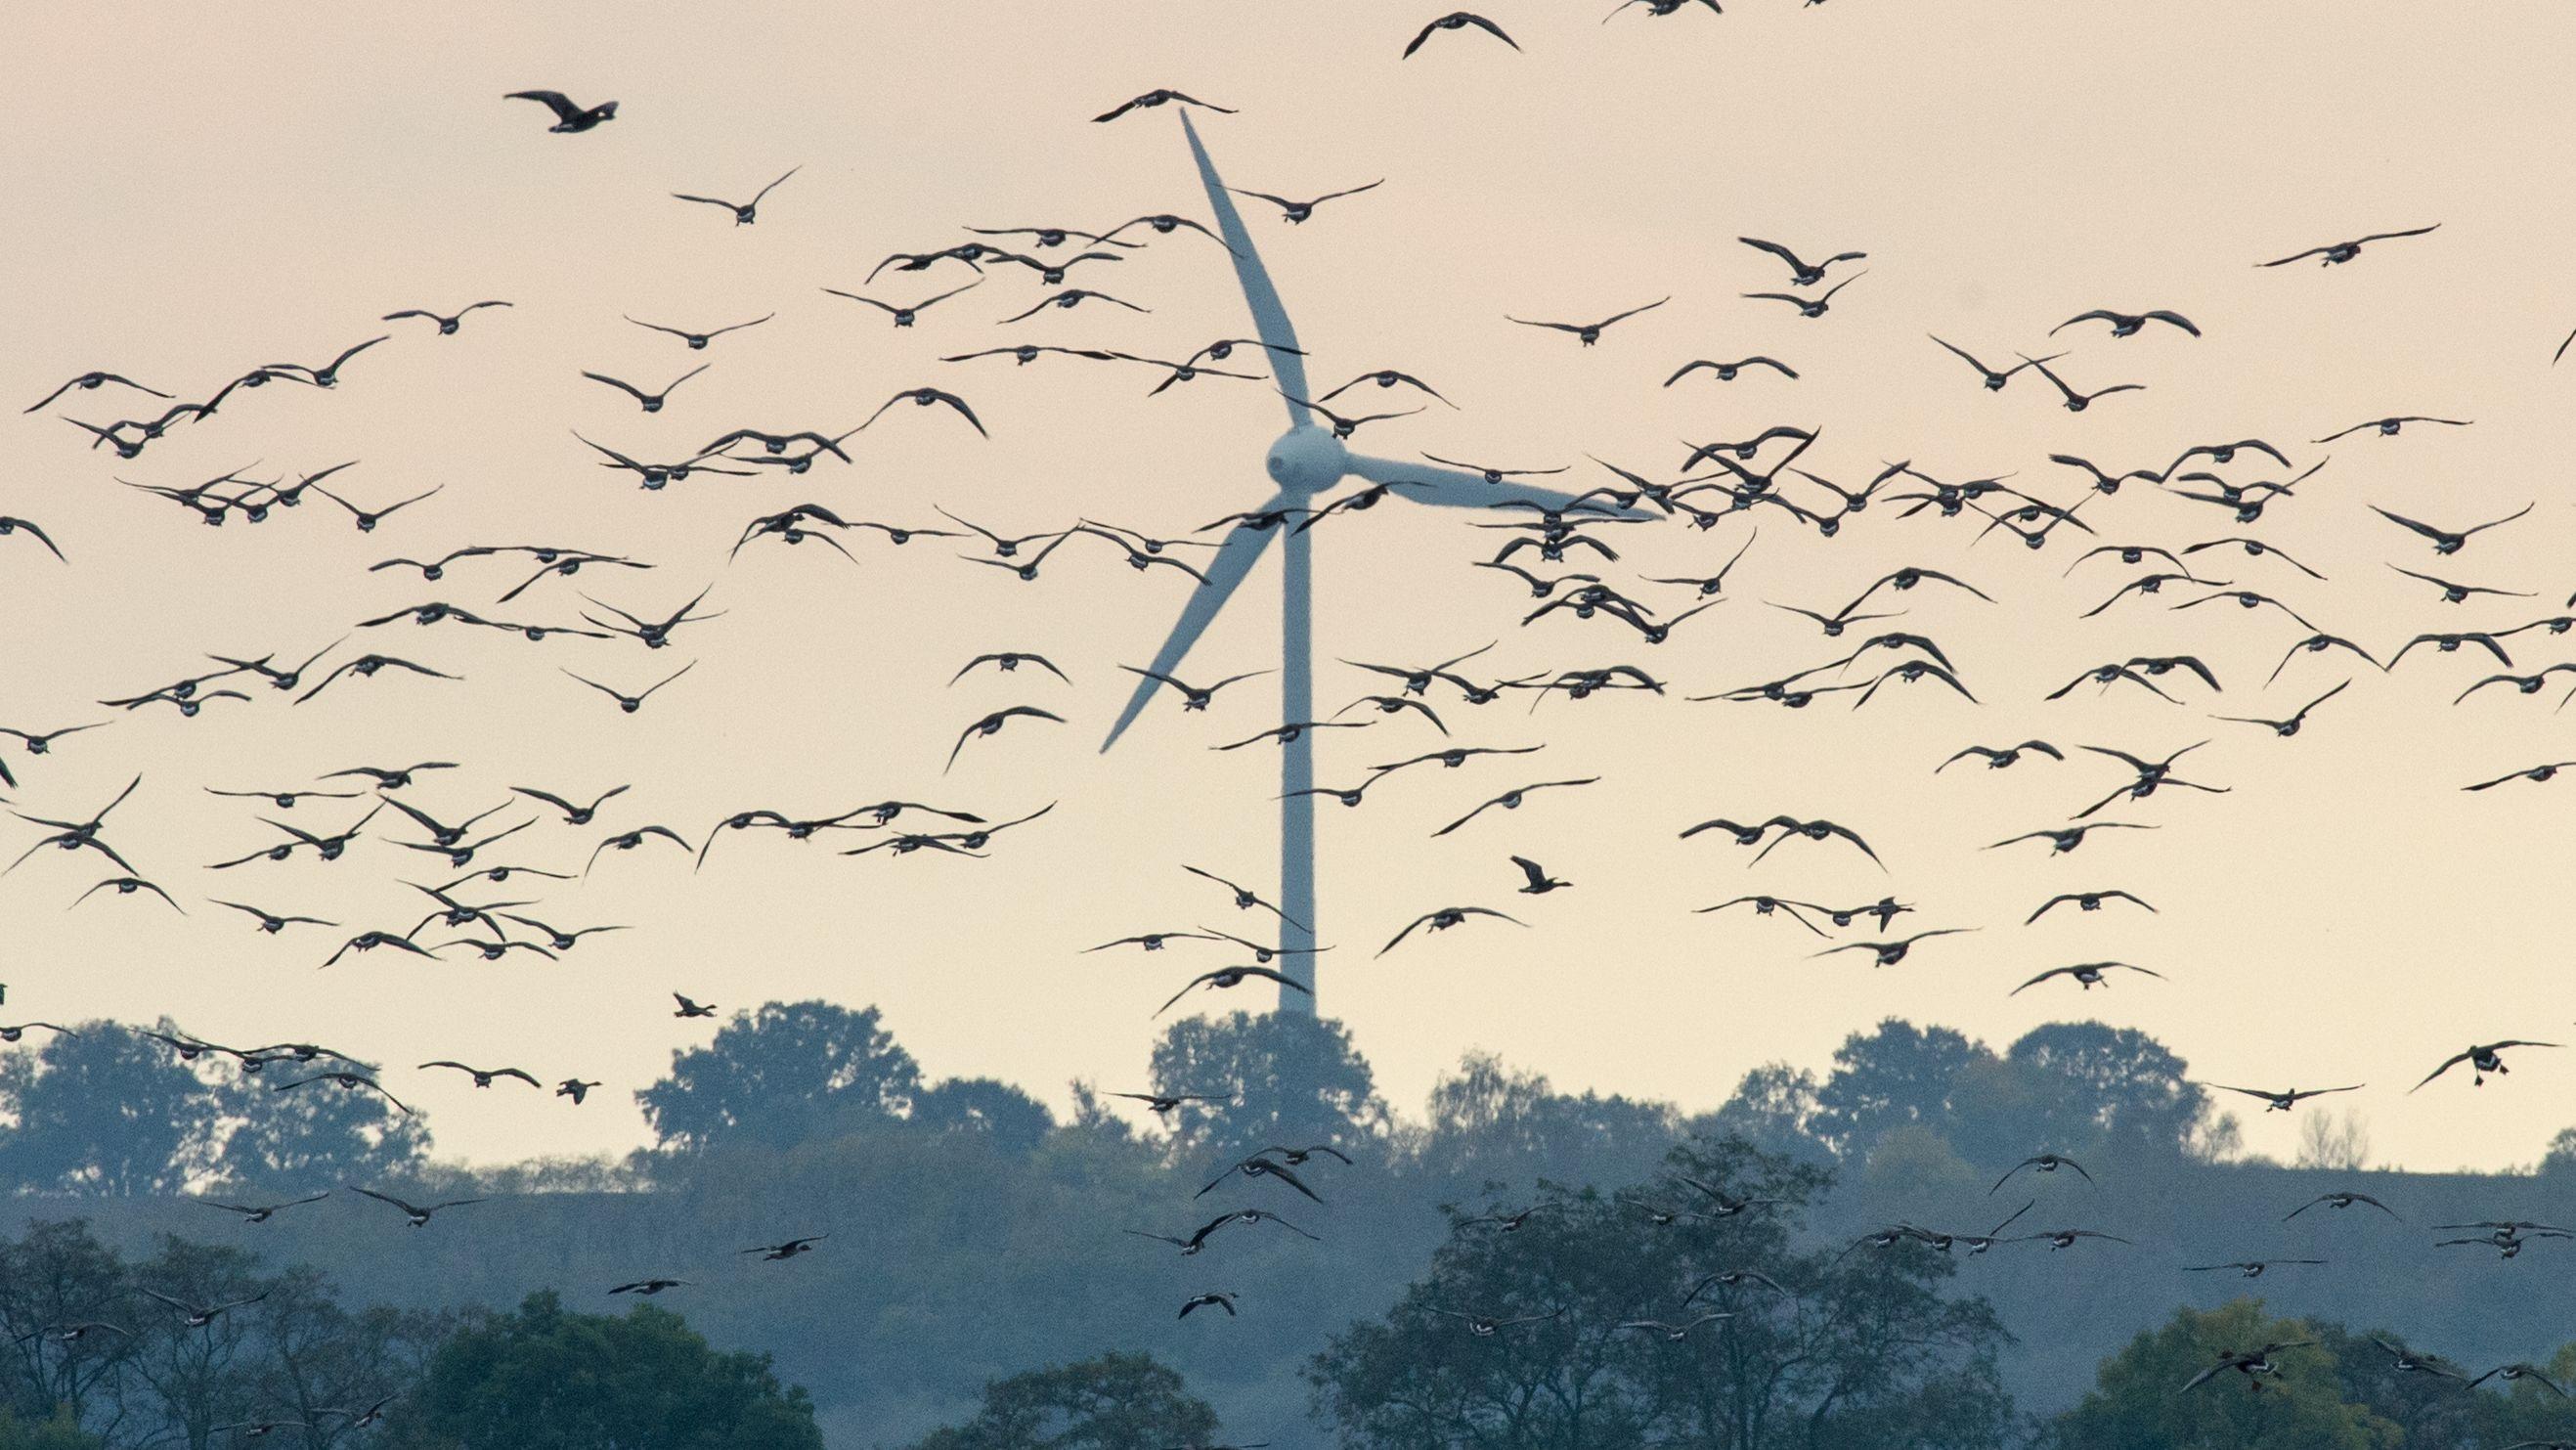 Wildgänse fliegen an einem Windrad vorbei.